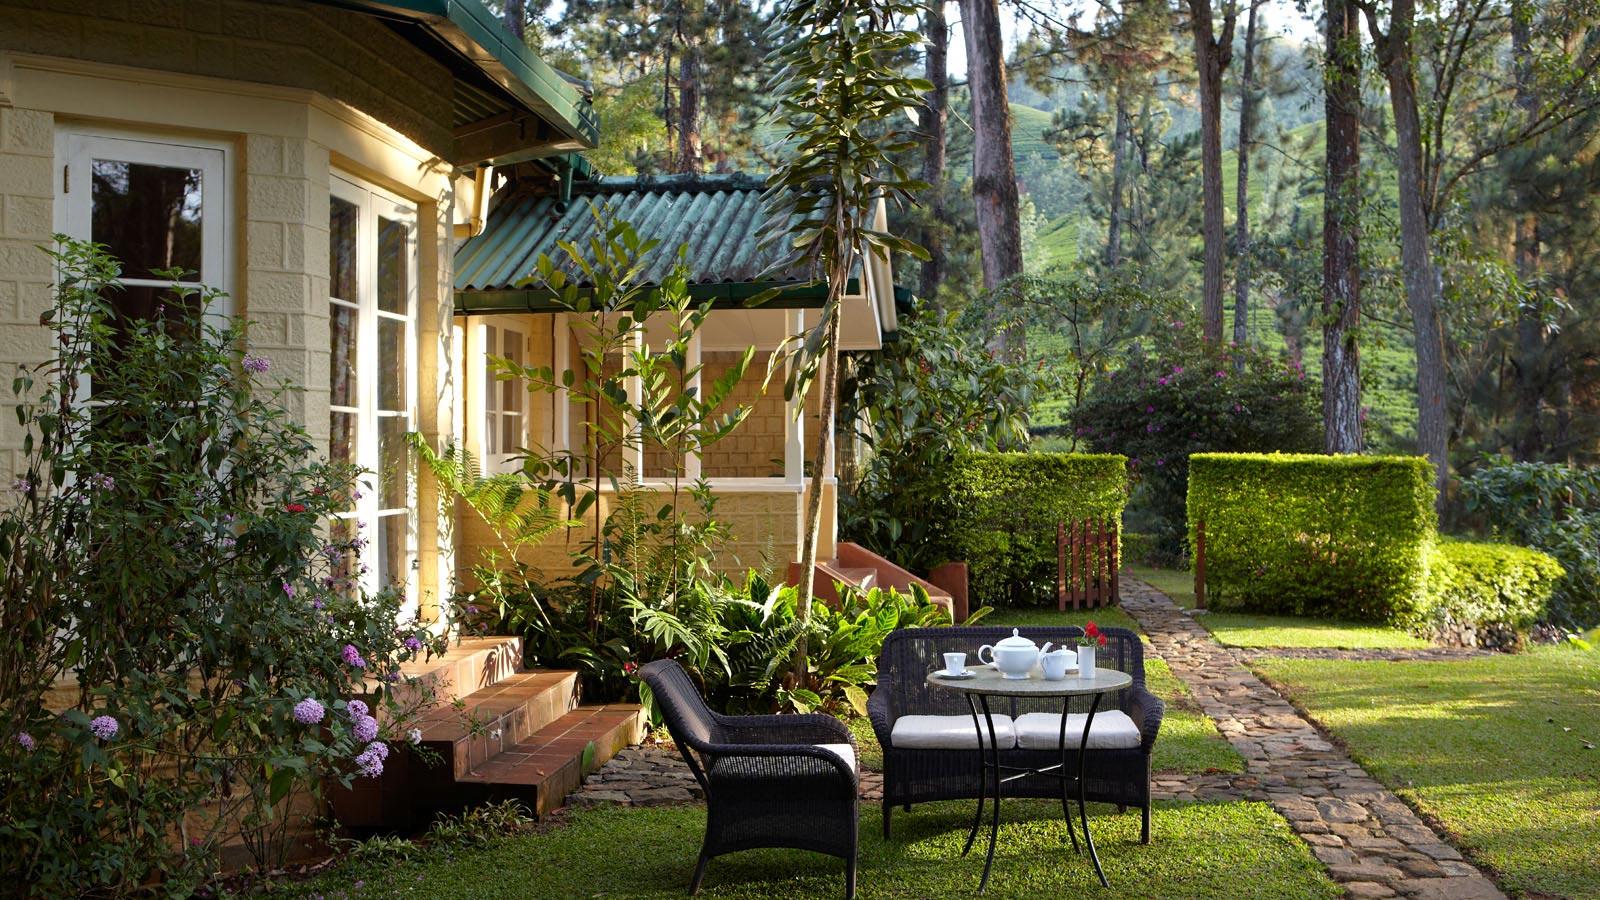 konyhasziget_ut_a_teahoz_shuttleworth-master-suite-private-garden-2-summerville.jpg